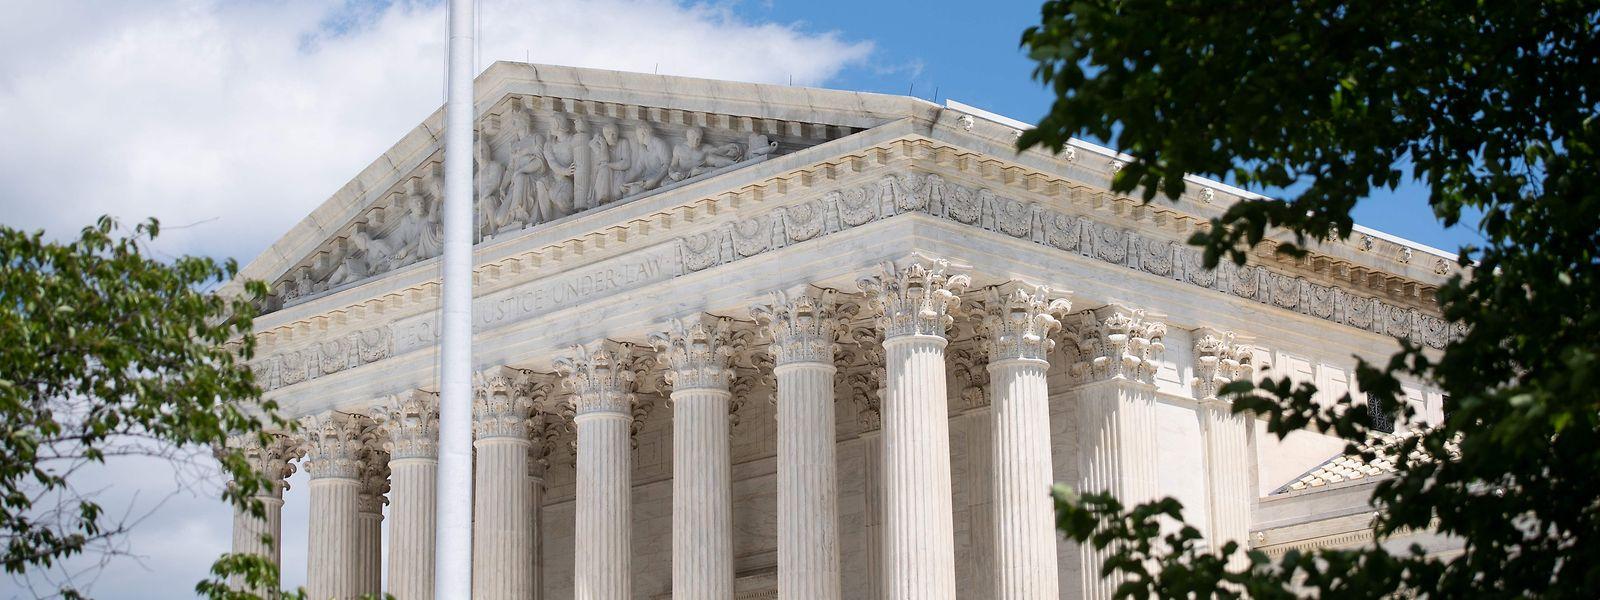 Das Gebäude des Obersten Gerichtshofs in Washington - hier soll die Entscheidung fallen.